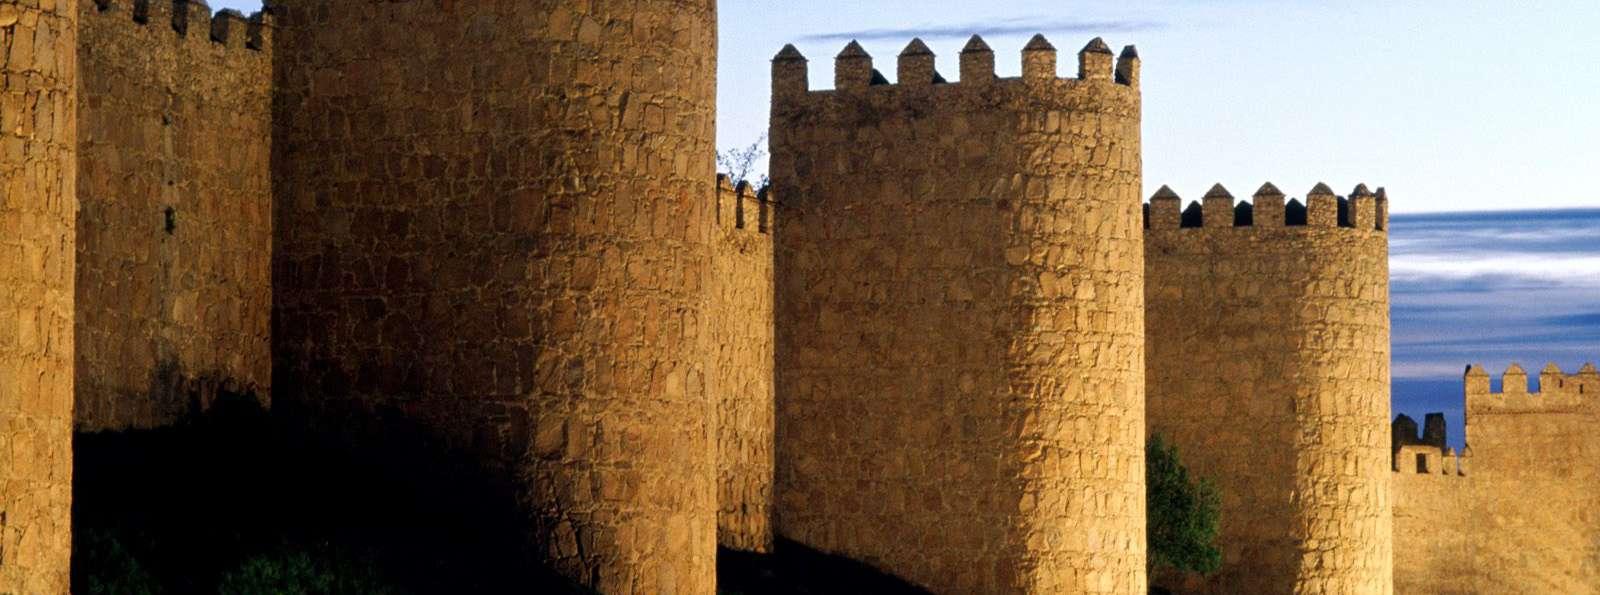 Séjour spécial : Découvrez les merveilles d'Ávila et sa gastronomie (à partir de 2 nuits)